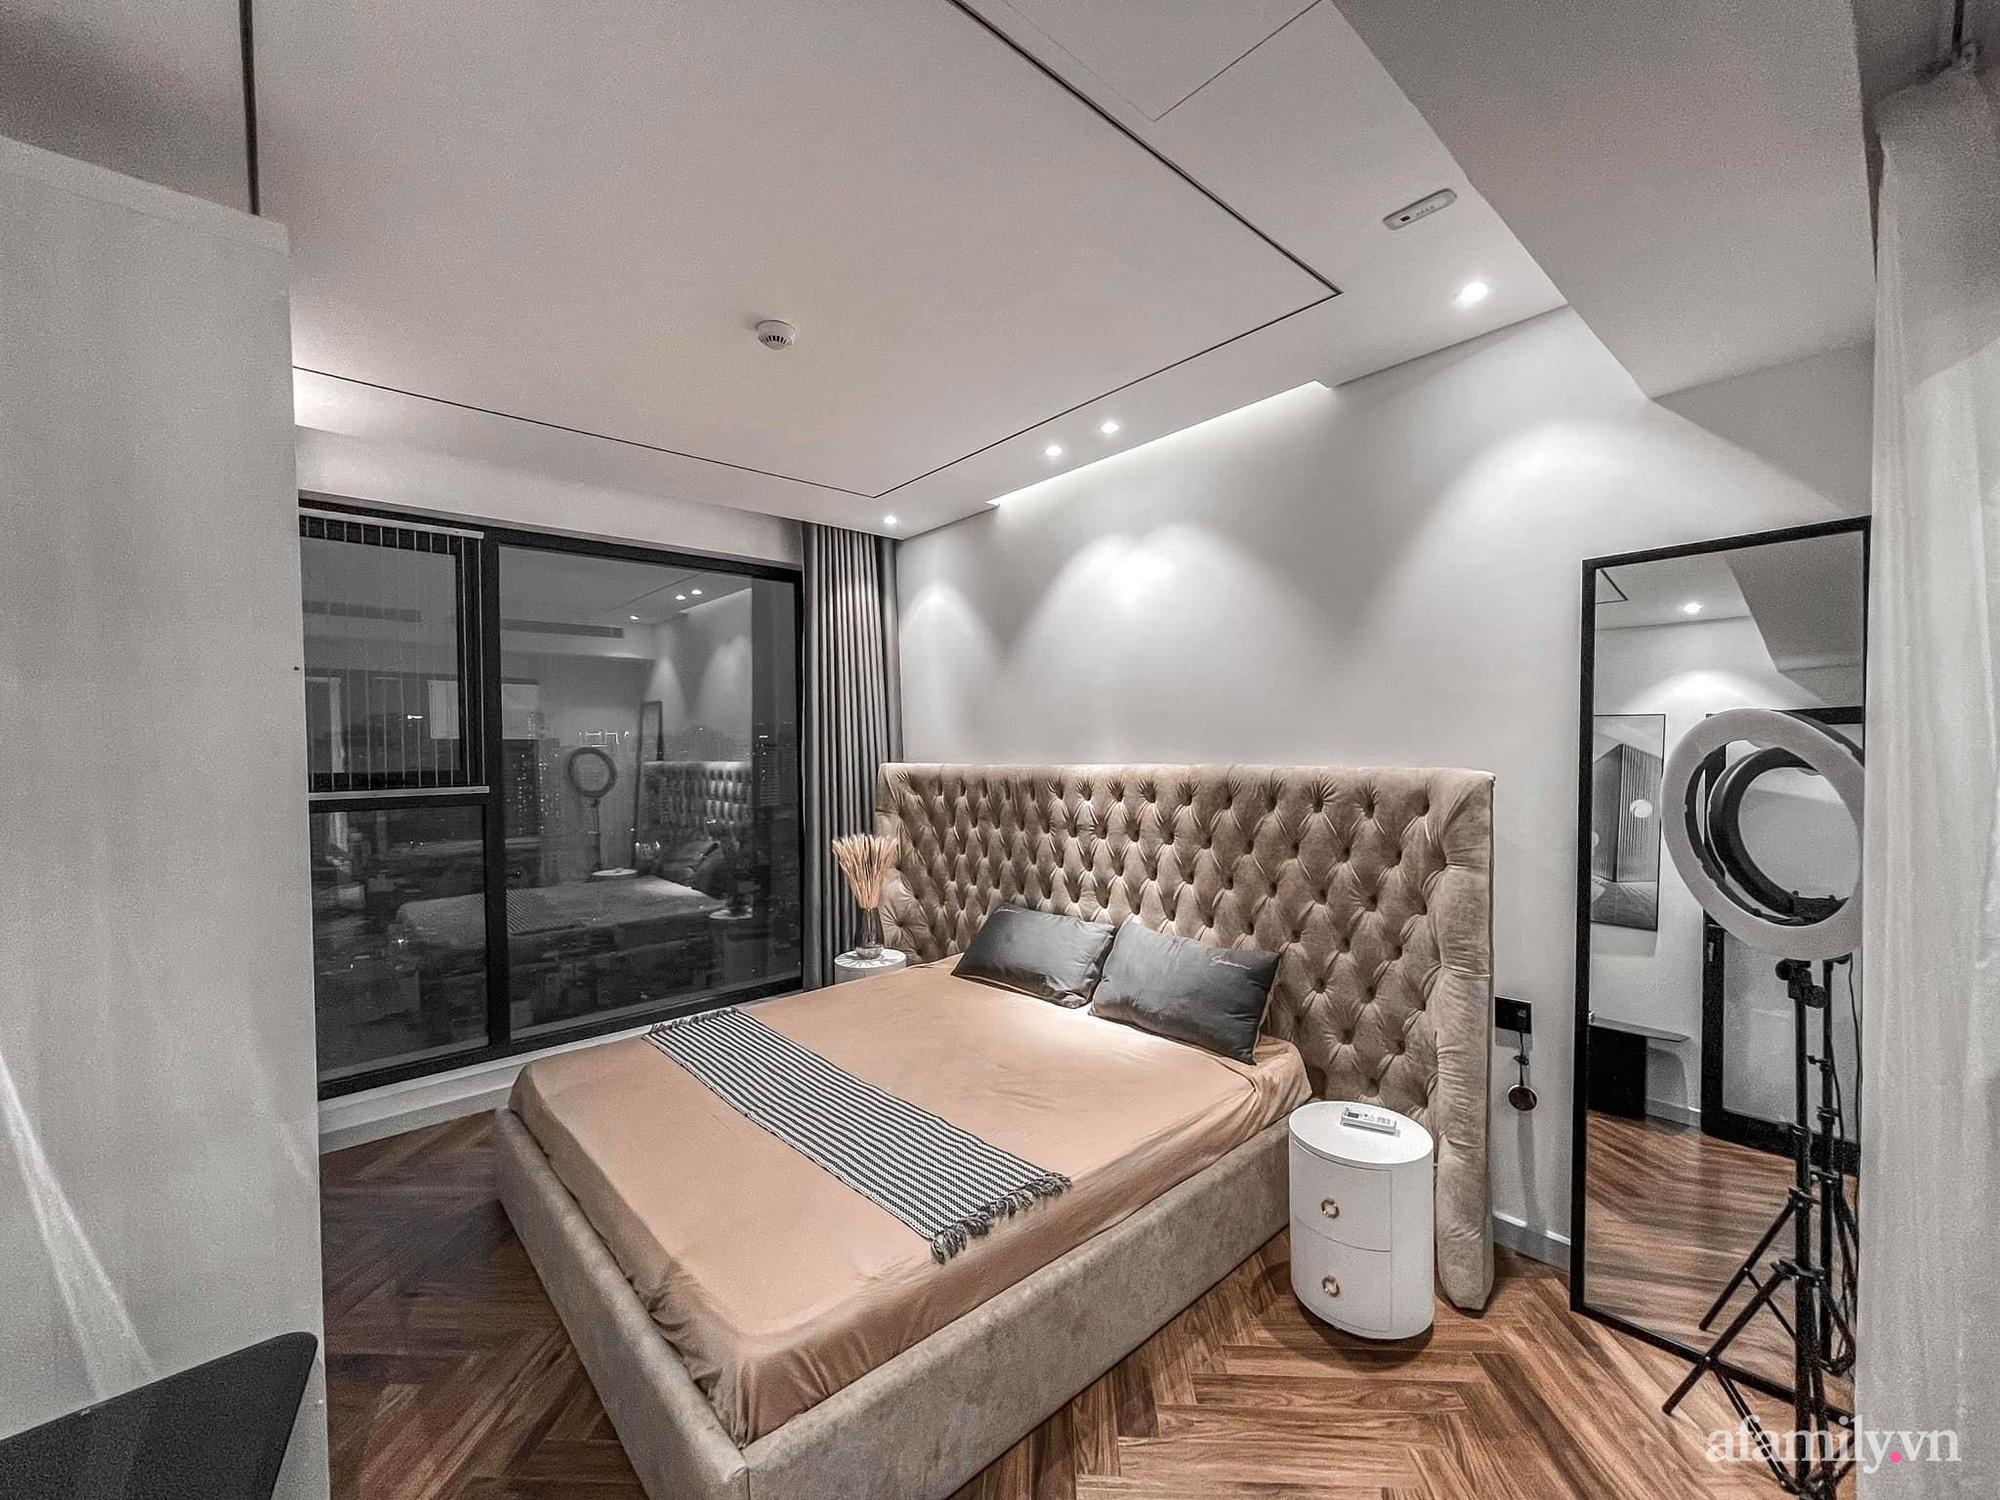 Căn hộ 125m² với gam màu tối cực chất của cặp vợ chồng yêu thời trang ở Hà Nội - Ảnh 23.